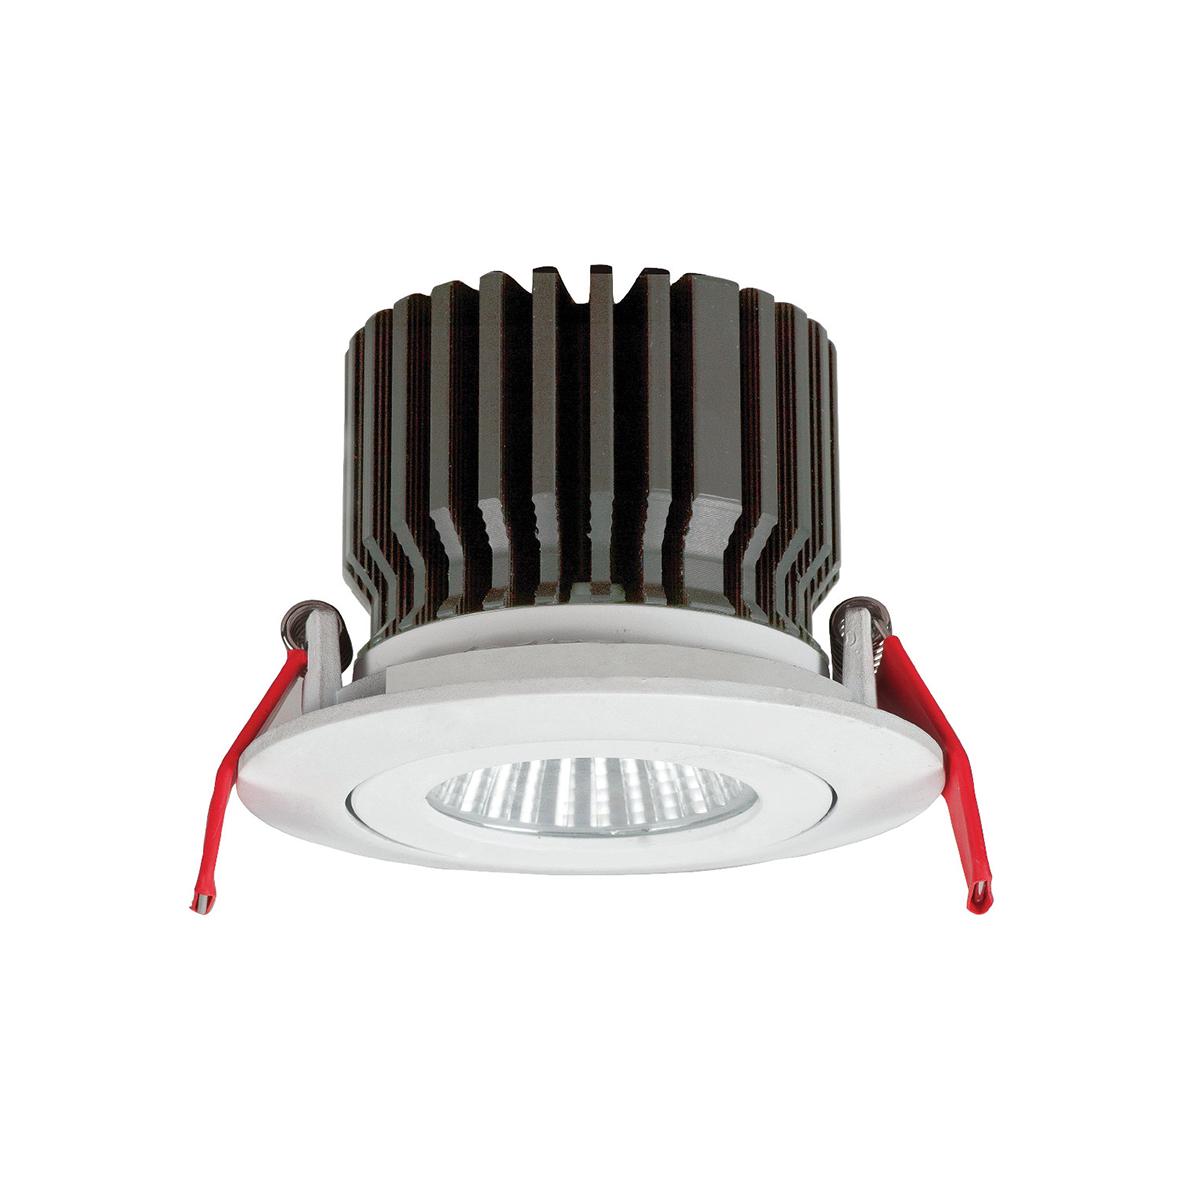 چراغ های سقفی توکار SH-553-12W